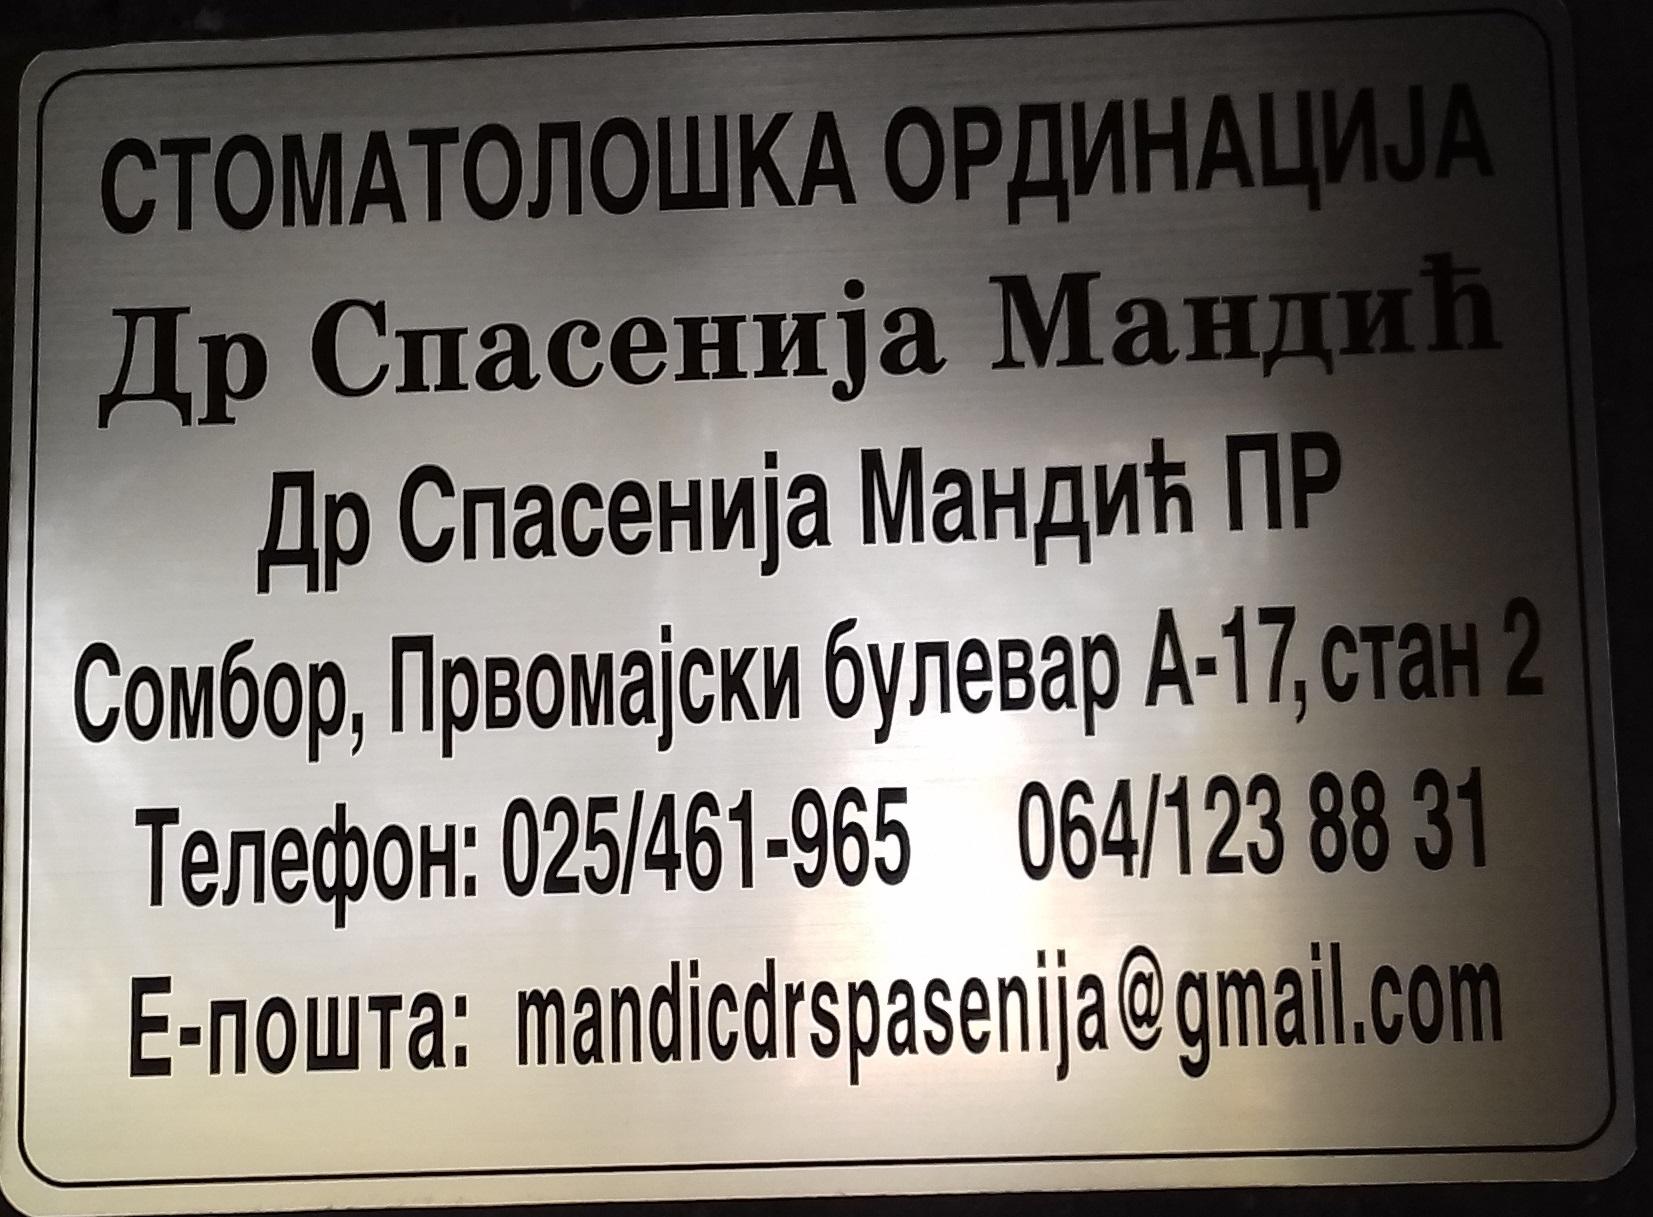 DR SPASENIJA MANDIĆ